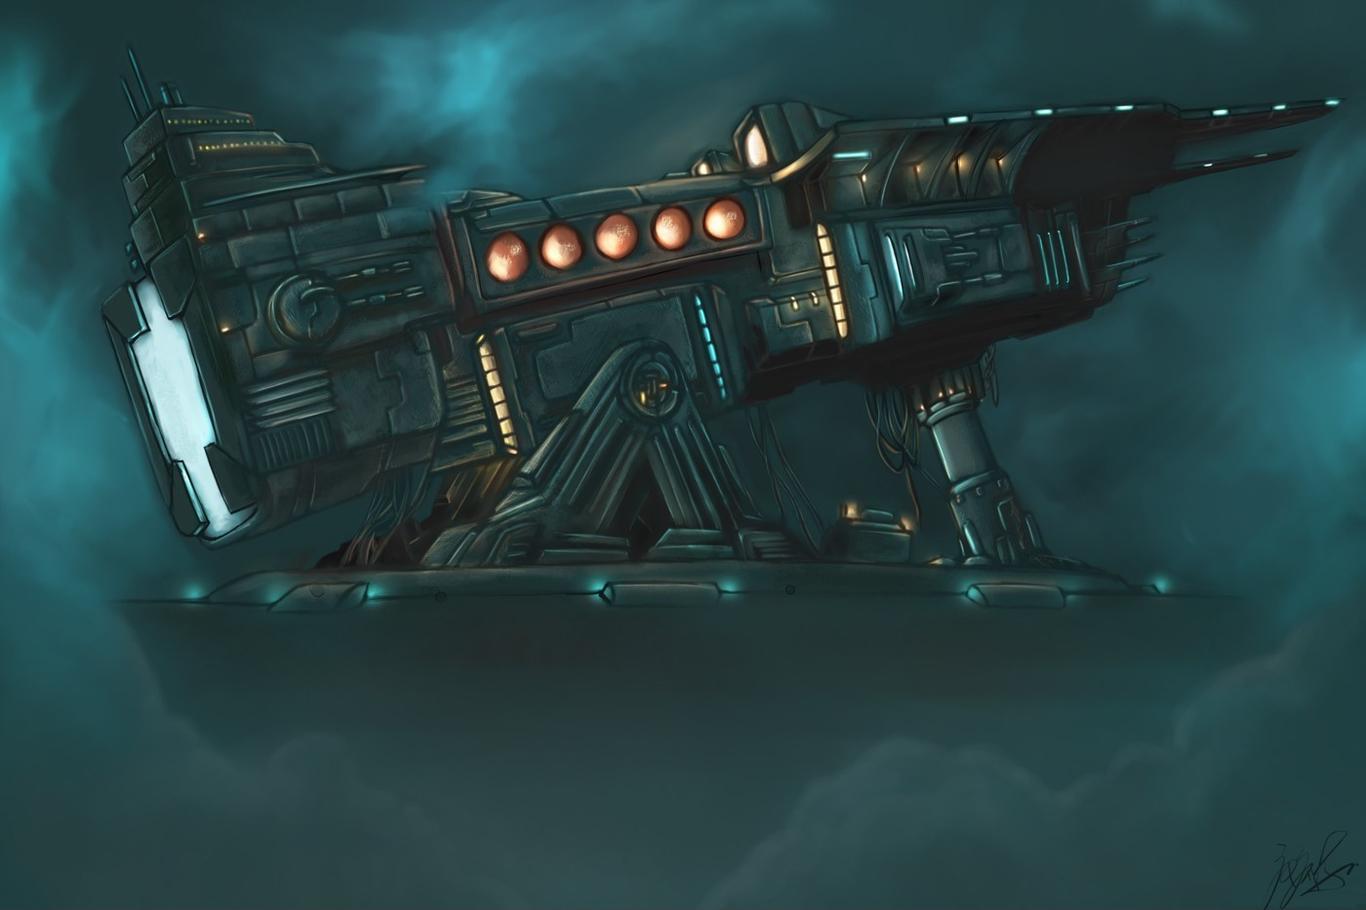 Concept Art Work Machine Battleship Ruihong Tang By Trhades